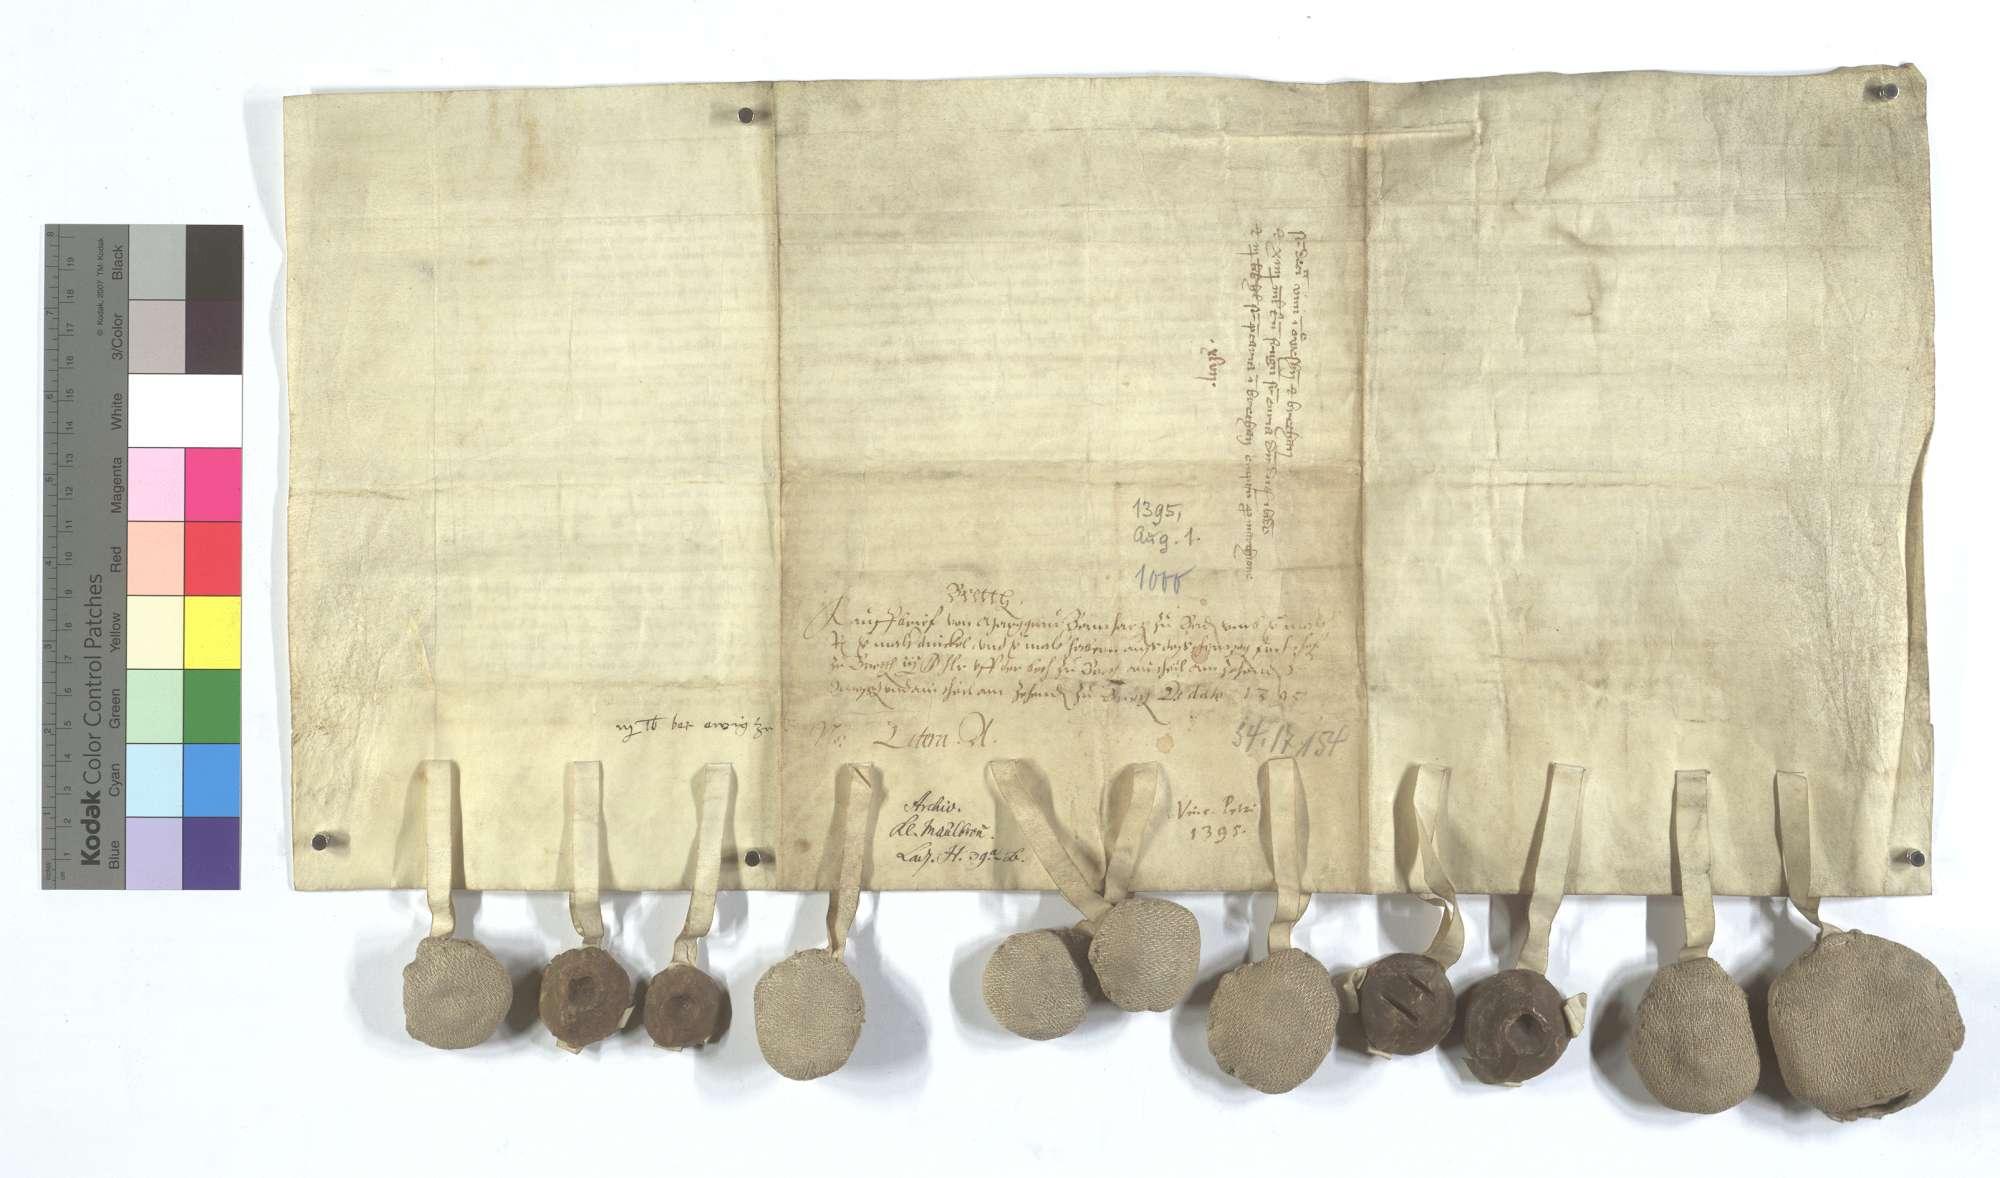 Markgraf Bernhard von Baden verkauft dem Kloster Maulbronn eine jährliche Korngült aus des Herzogs Fronhof in Bretten (Bretheim) samt 2 1/2 Pfund [Heller] jährlich aus der Beth dort, einen Teil des Zehnten allda und in Unteröwisheim., Rückseite